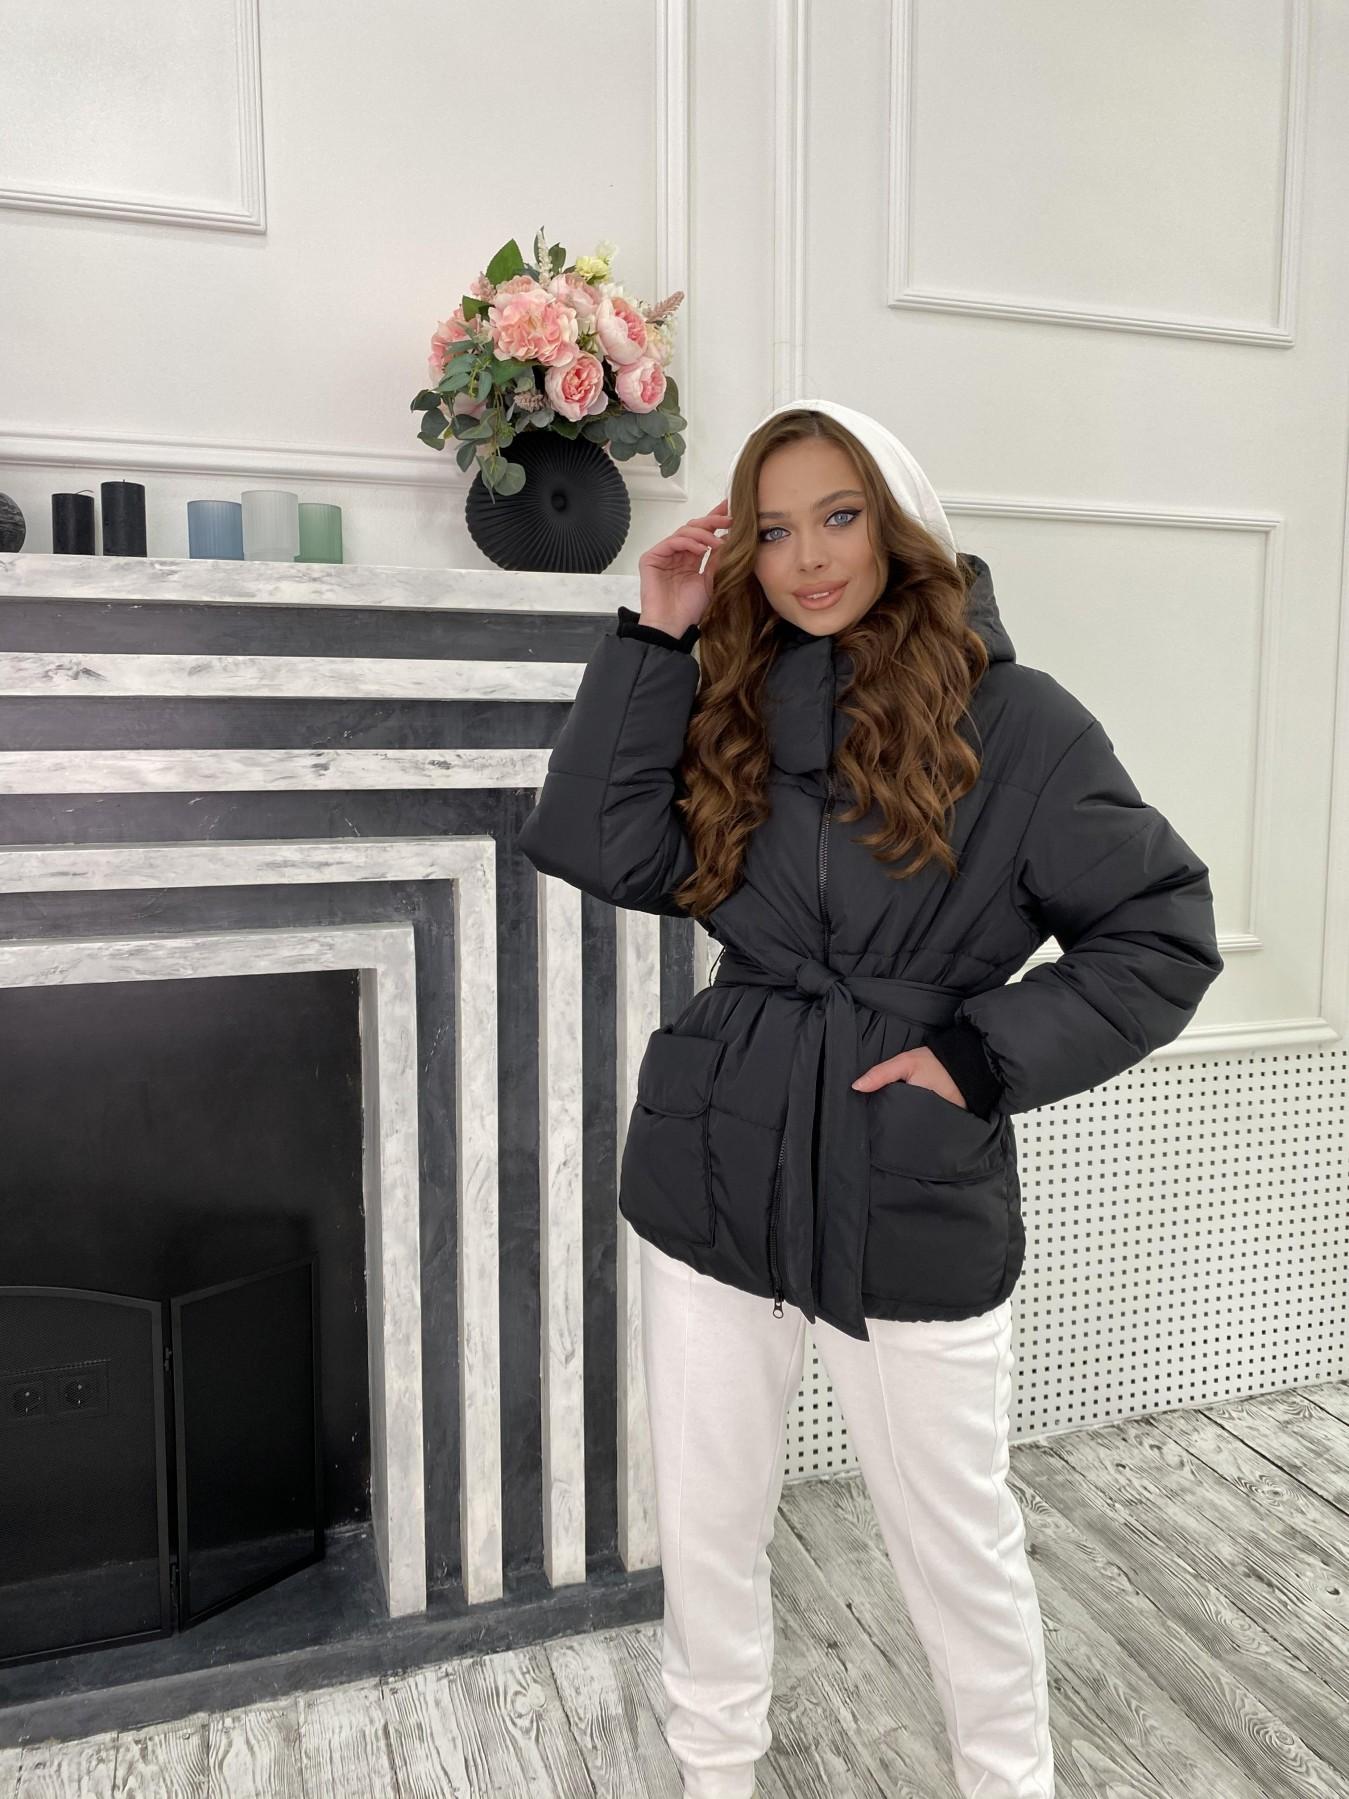 Док куртка из  плащевки Ammy 10822 АРТ. 47299 Цвет: Черный - фото 1, интернет магазин tm-modus.ru